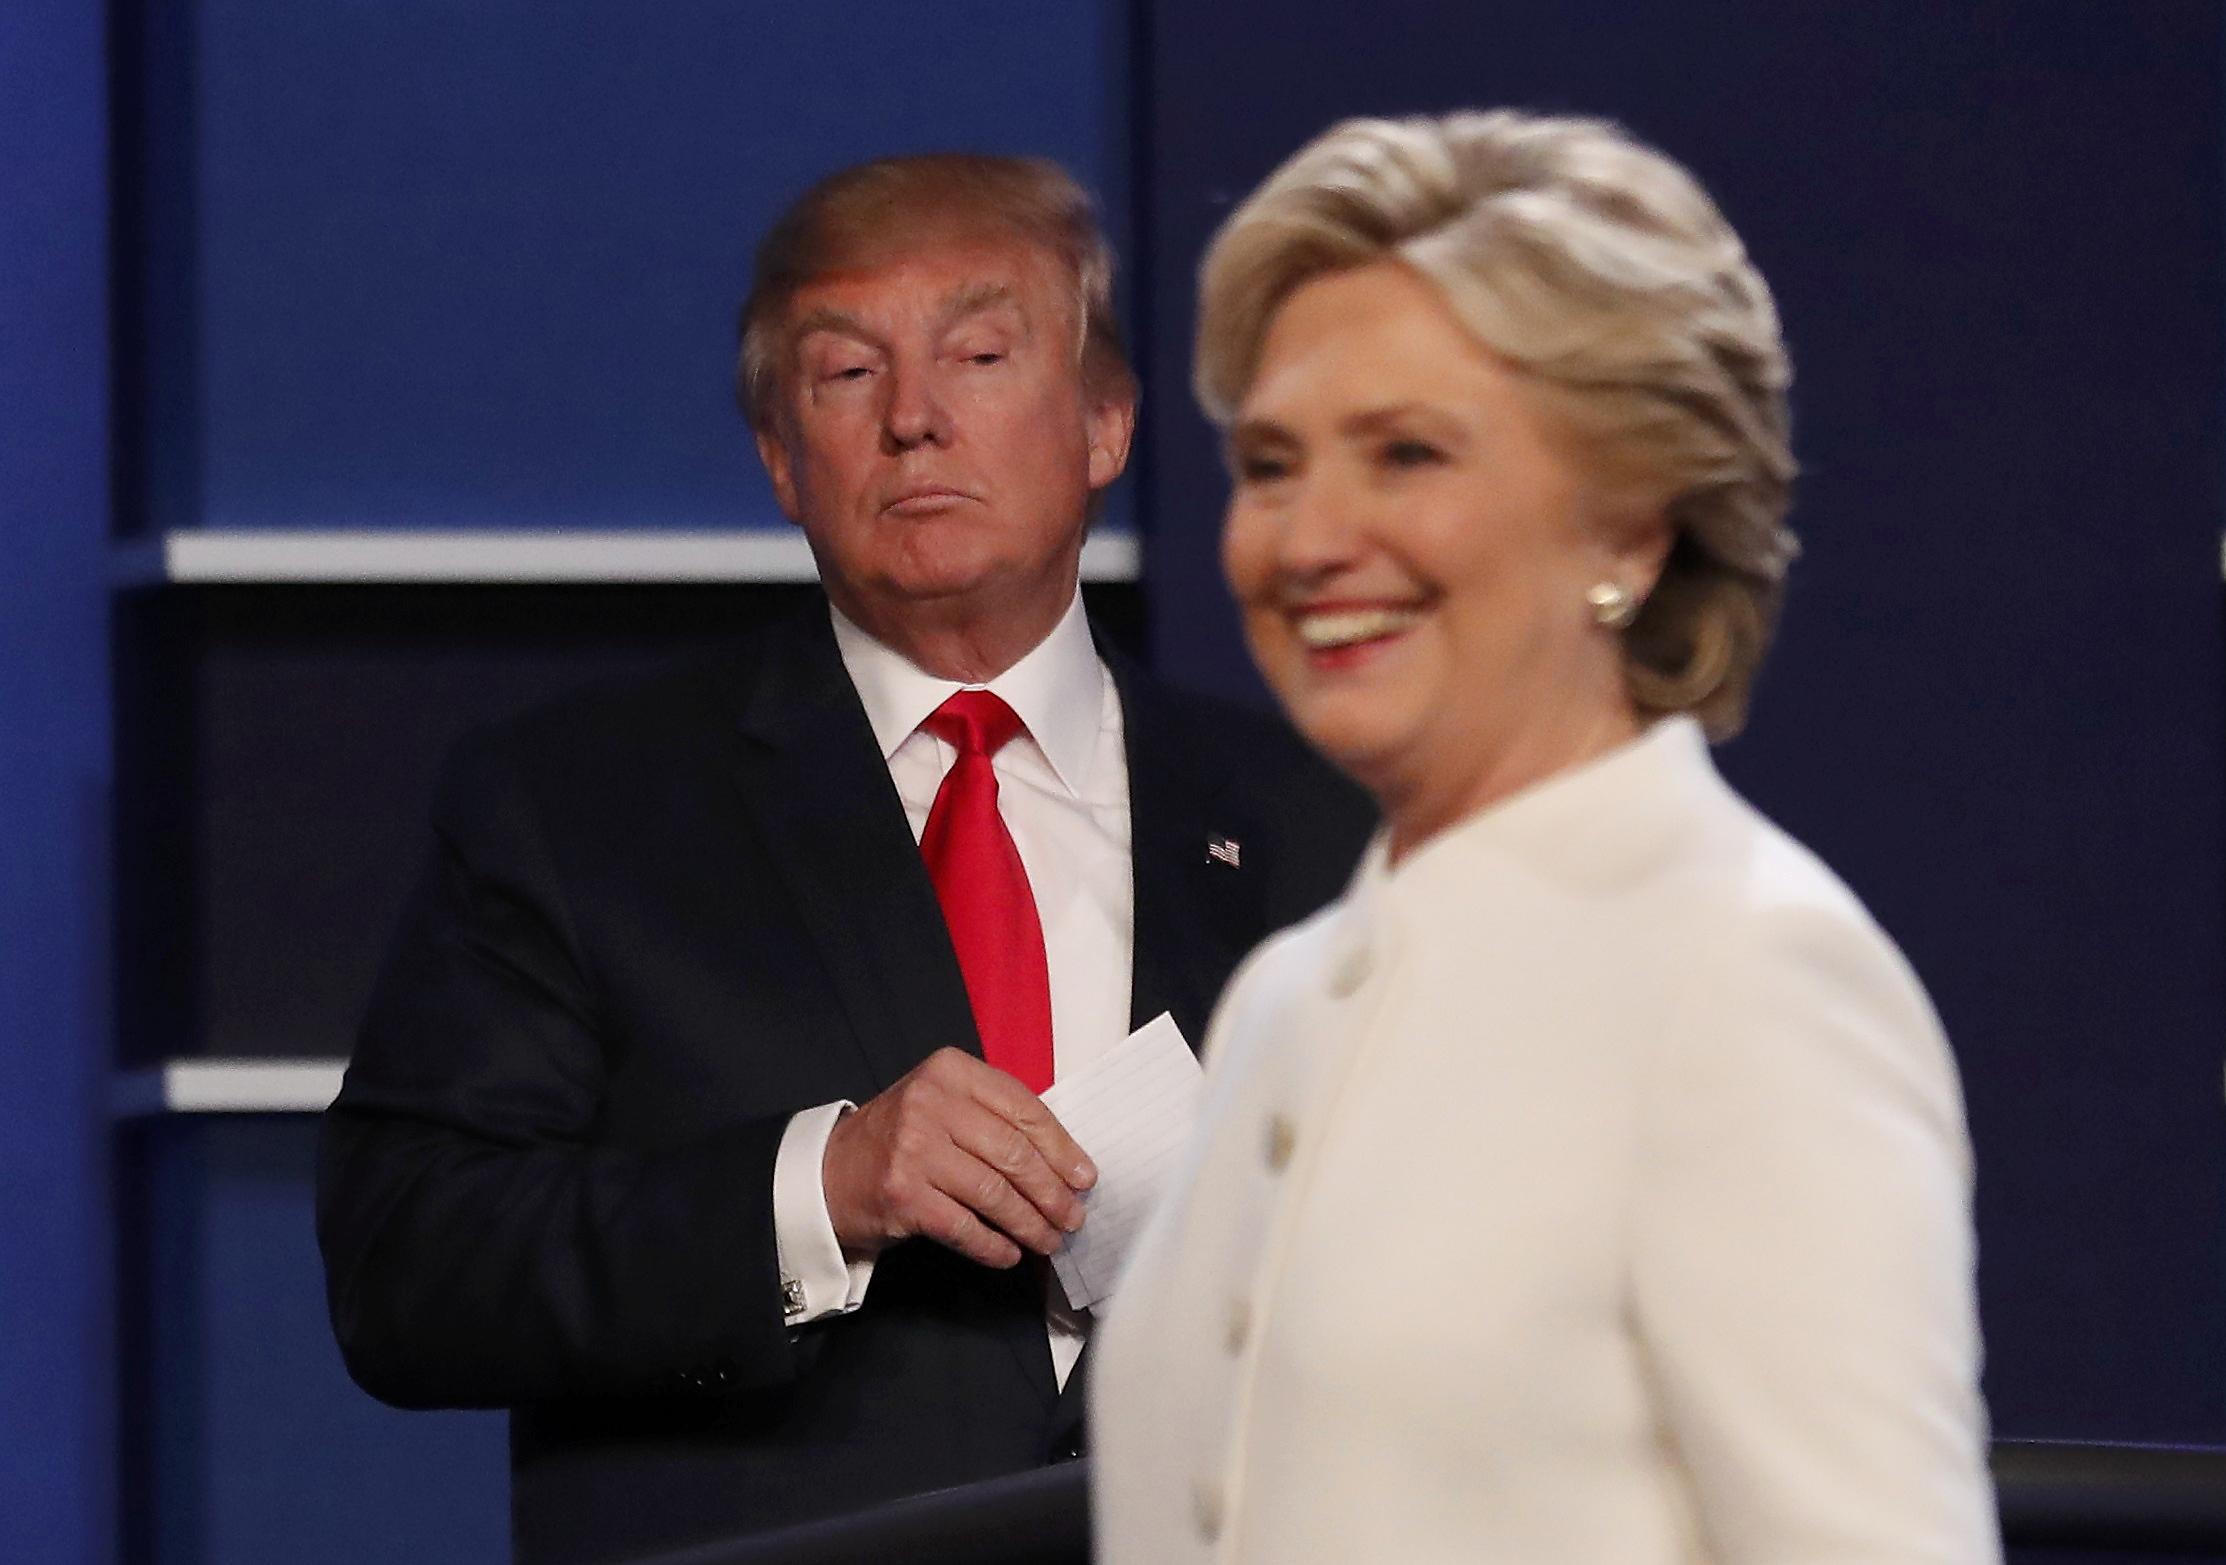 Dinsdag 8 november is het eindelijk zo ver. Tientallen miljoenen Amerikanen trekken naar de stembus en beslissen wie de machtigste persoon ter wereld wordt. (foto reuters)